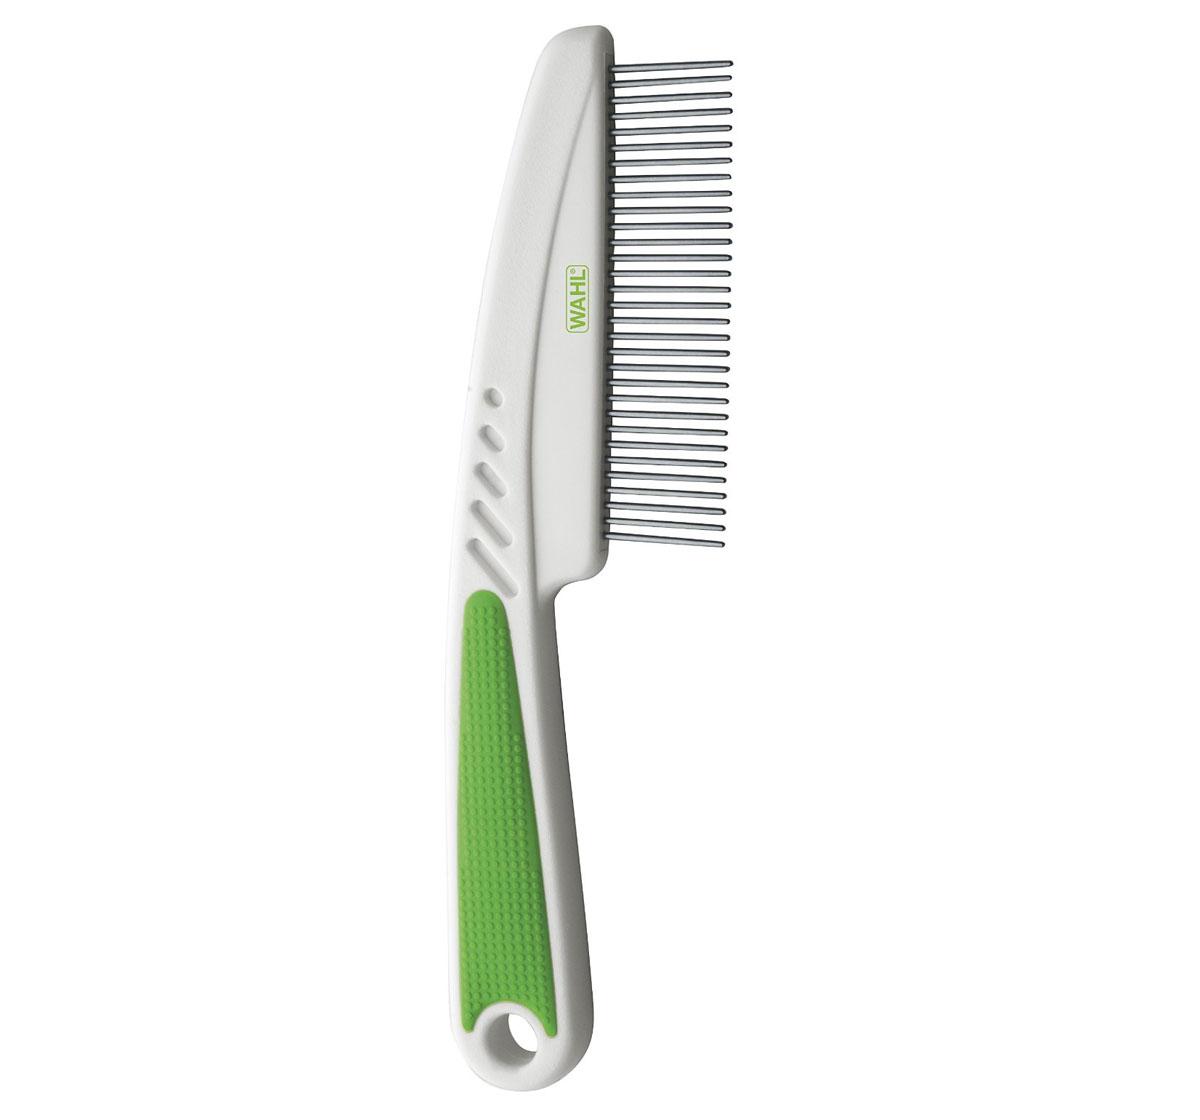 Wahl Detangling Comb